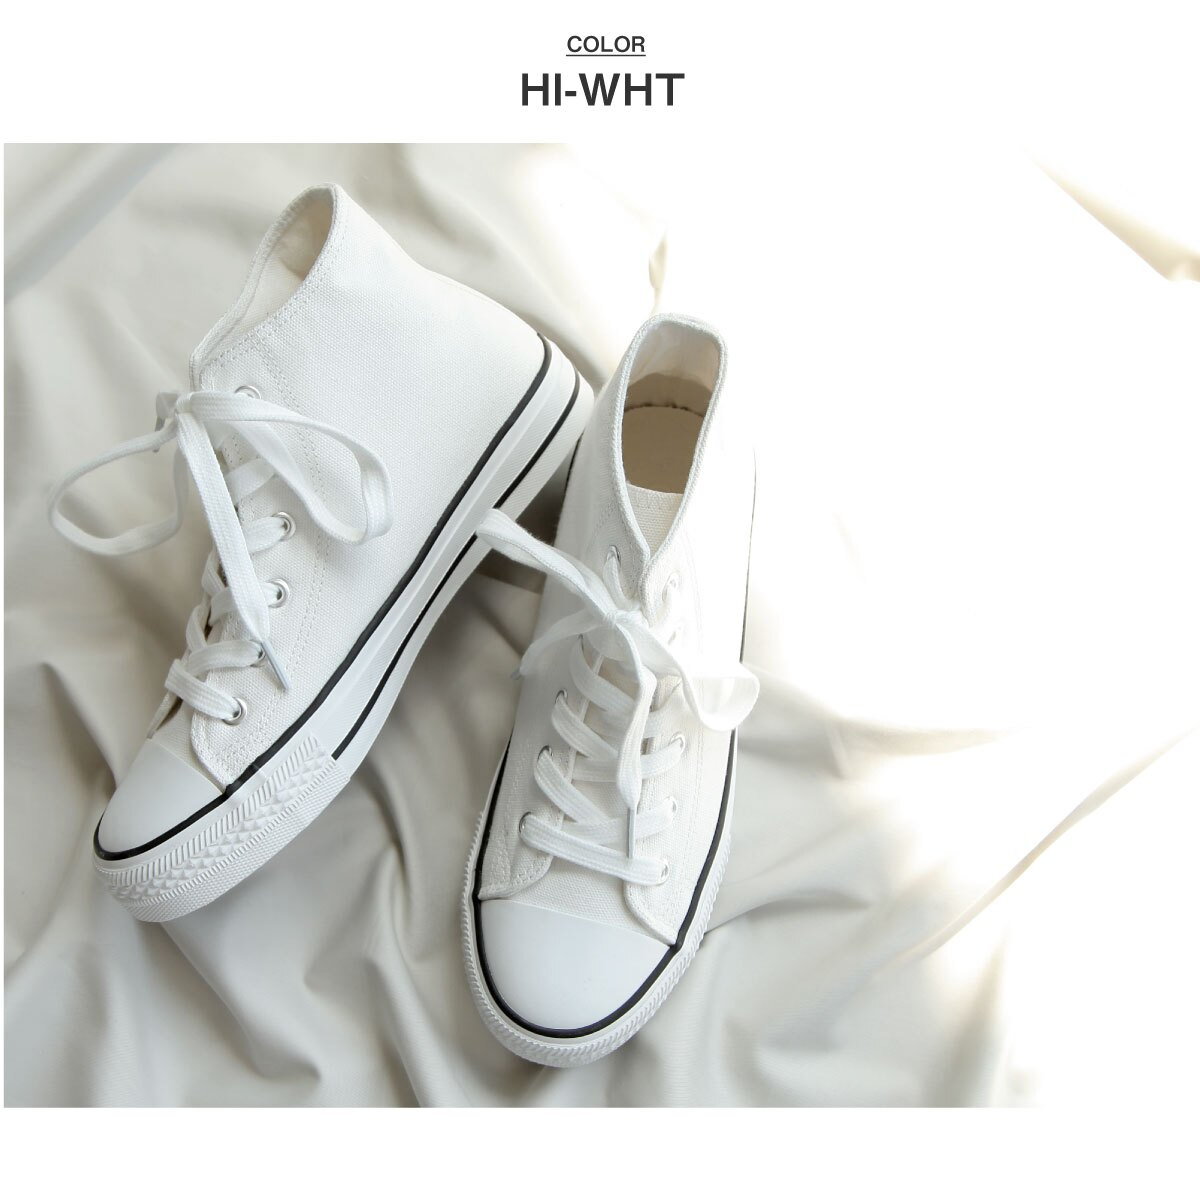 【New】ZIP FIVE絨革高筒布鞋 2